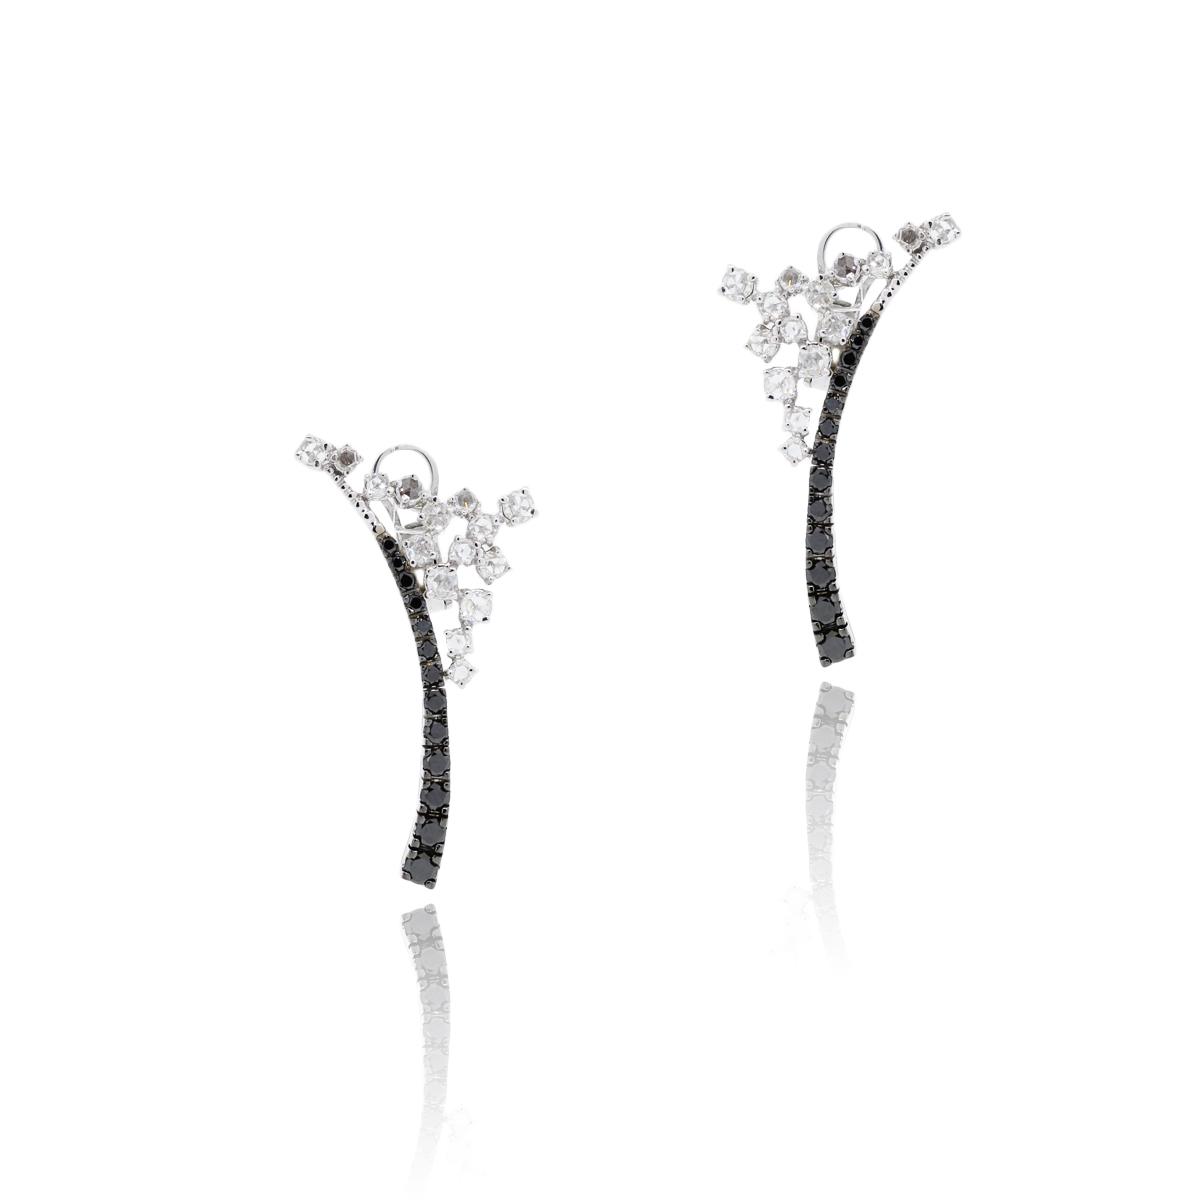 14k White Gold 257ctw Rose Cut White & Black Diamond Earrings